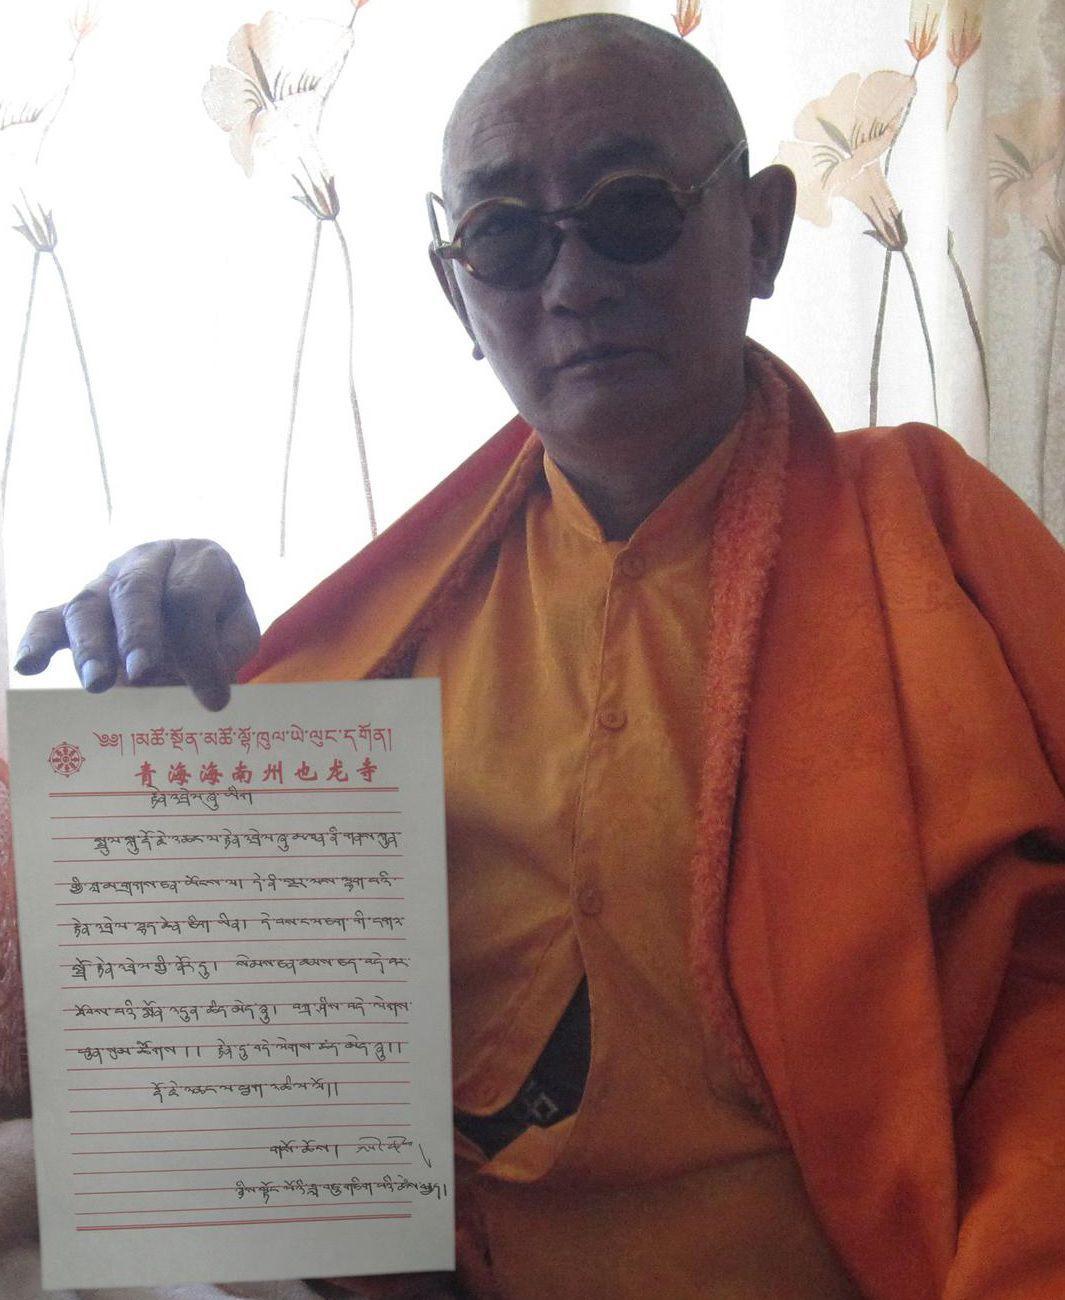 也龍寺的索切仁波且敬賀第三世多杰羌佛